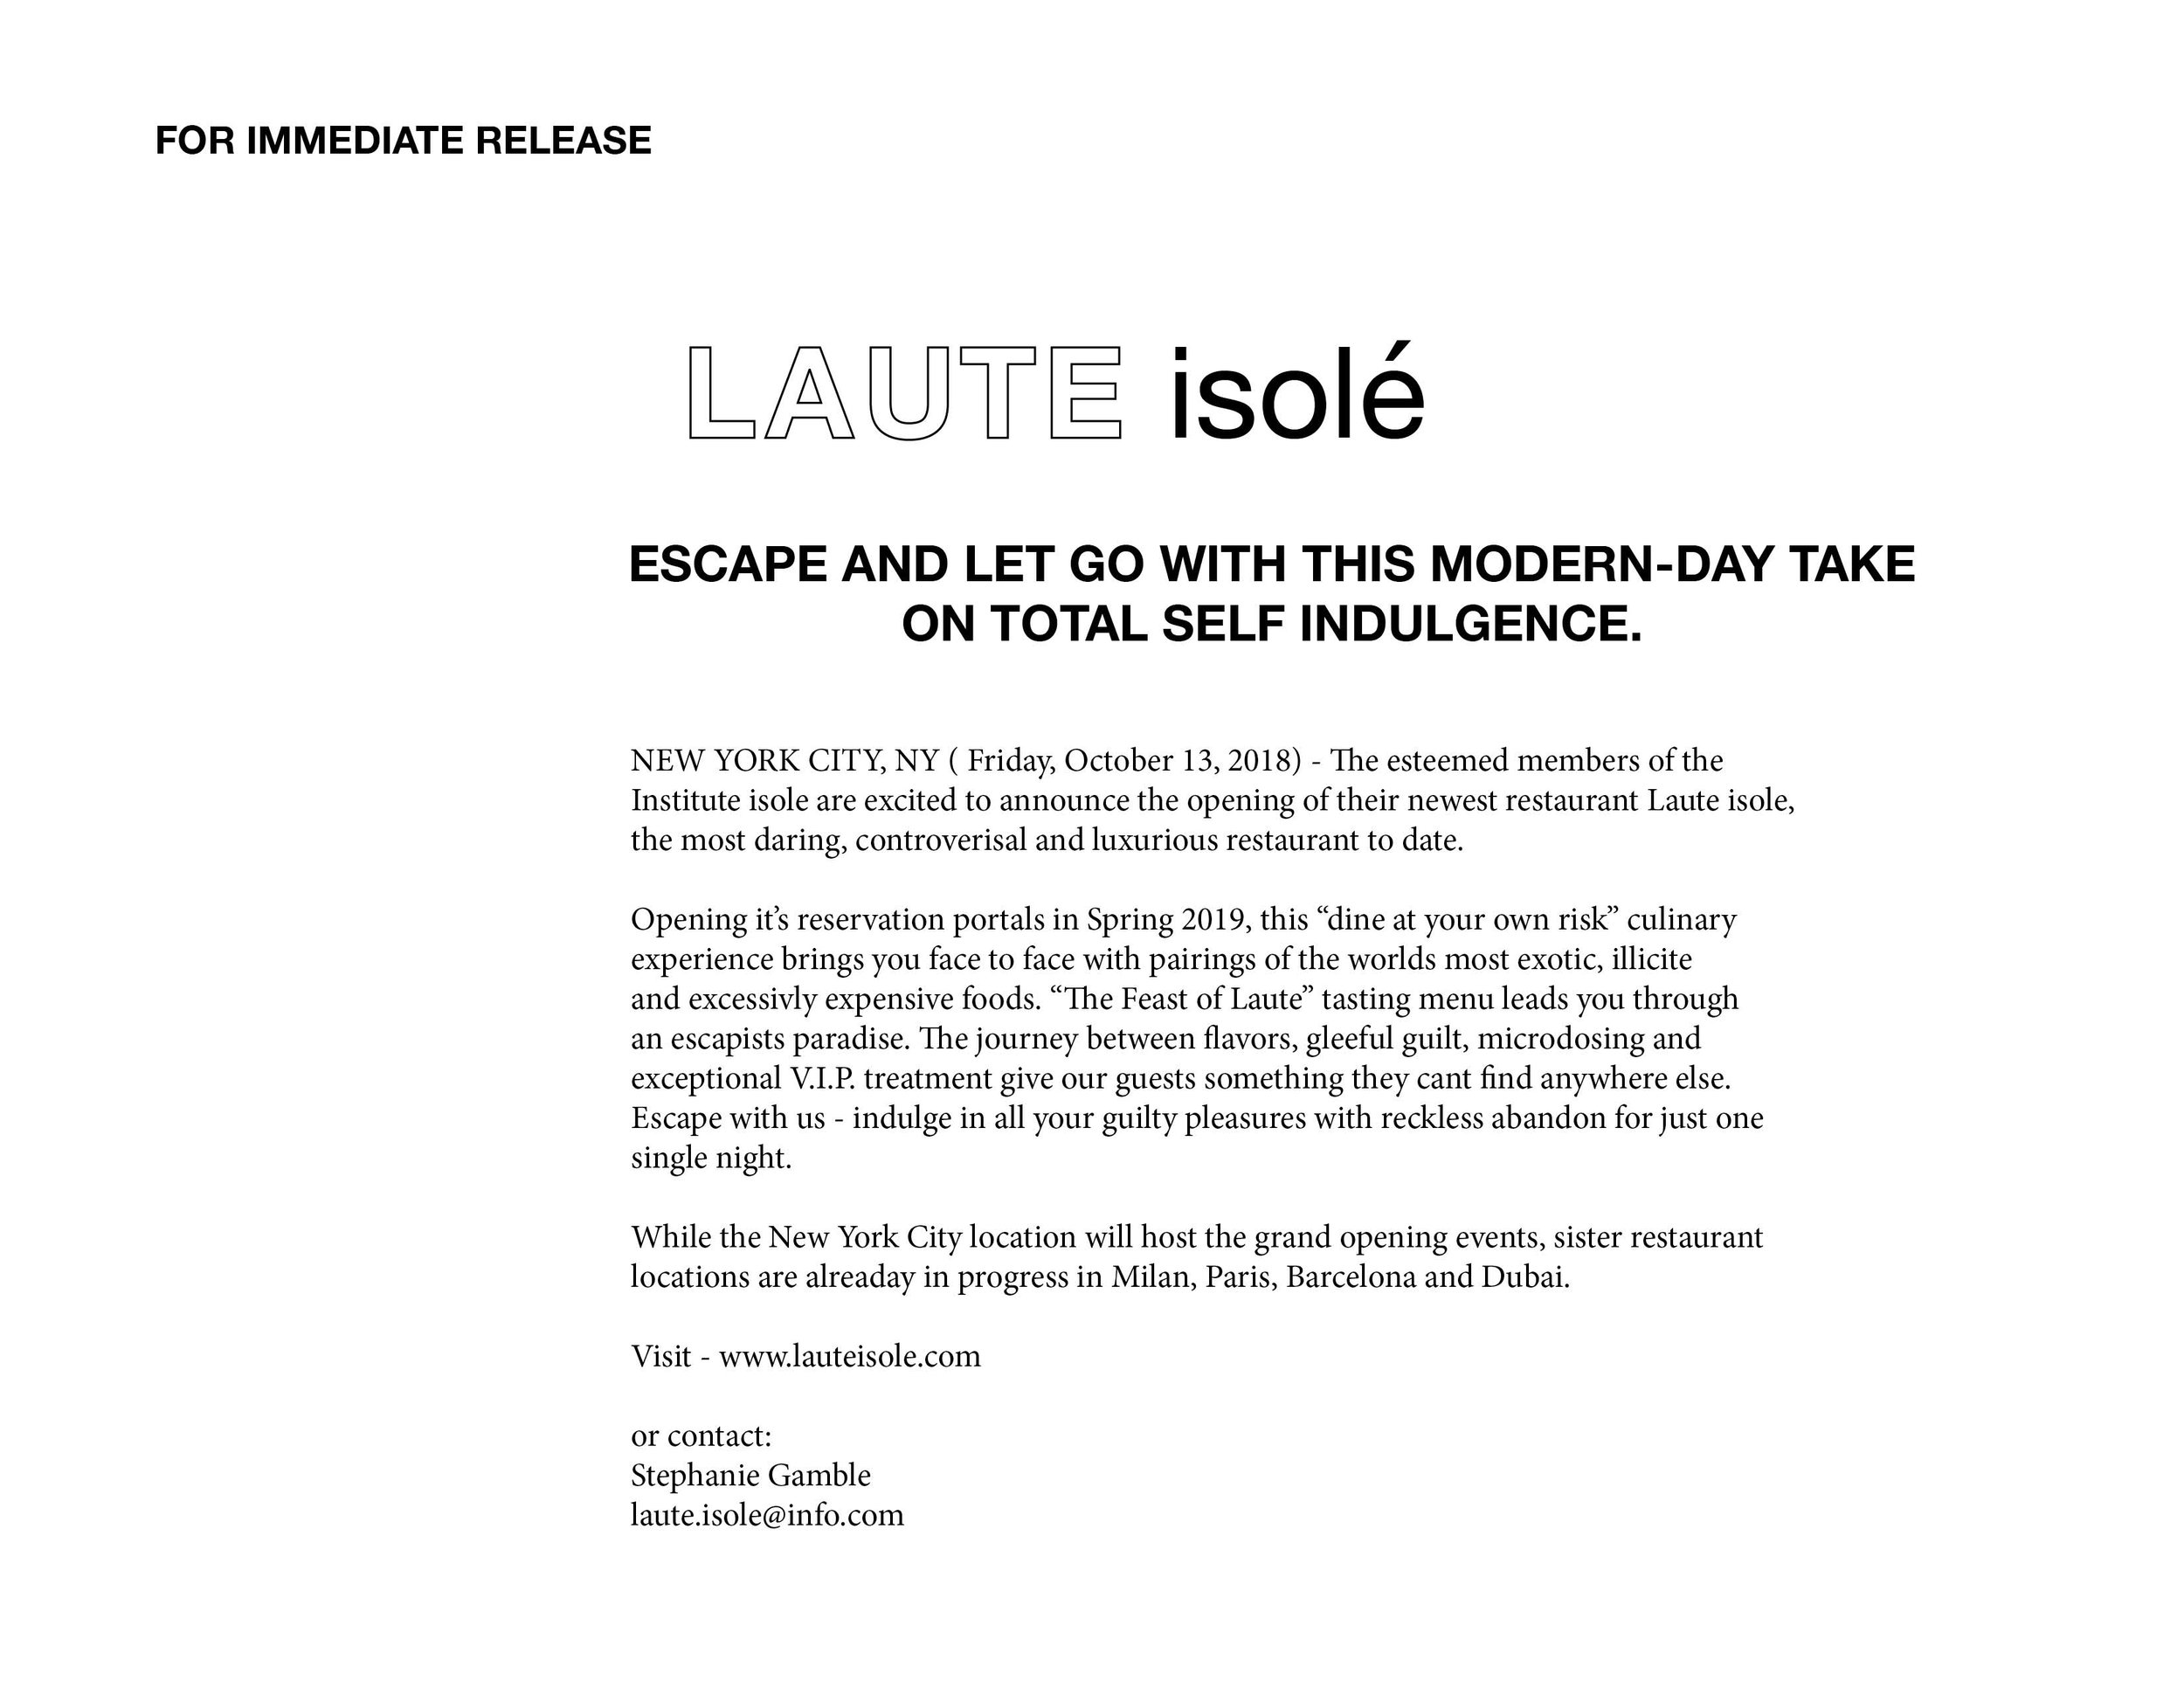 Laute isole press release.jpg